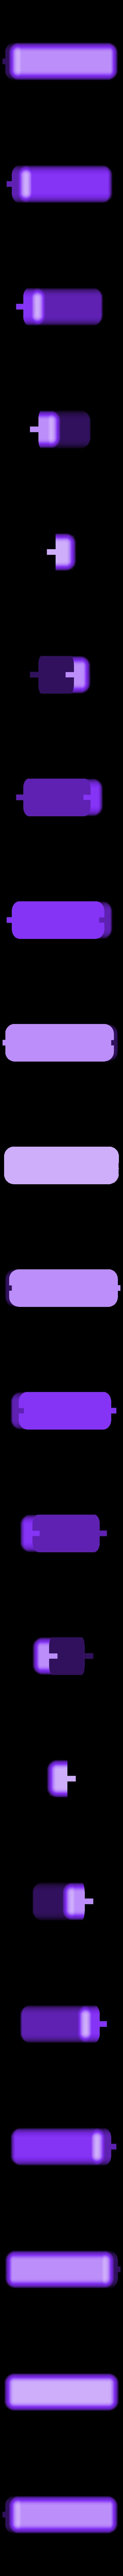 Unblock_Board_Game_Large_Stone.stl Télécharger fichier STL gratuit Unblock Board Game • Modèle pour impression 3D, Chrisibub